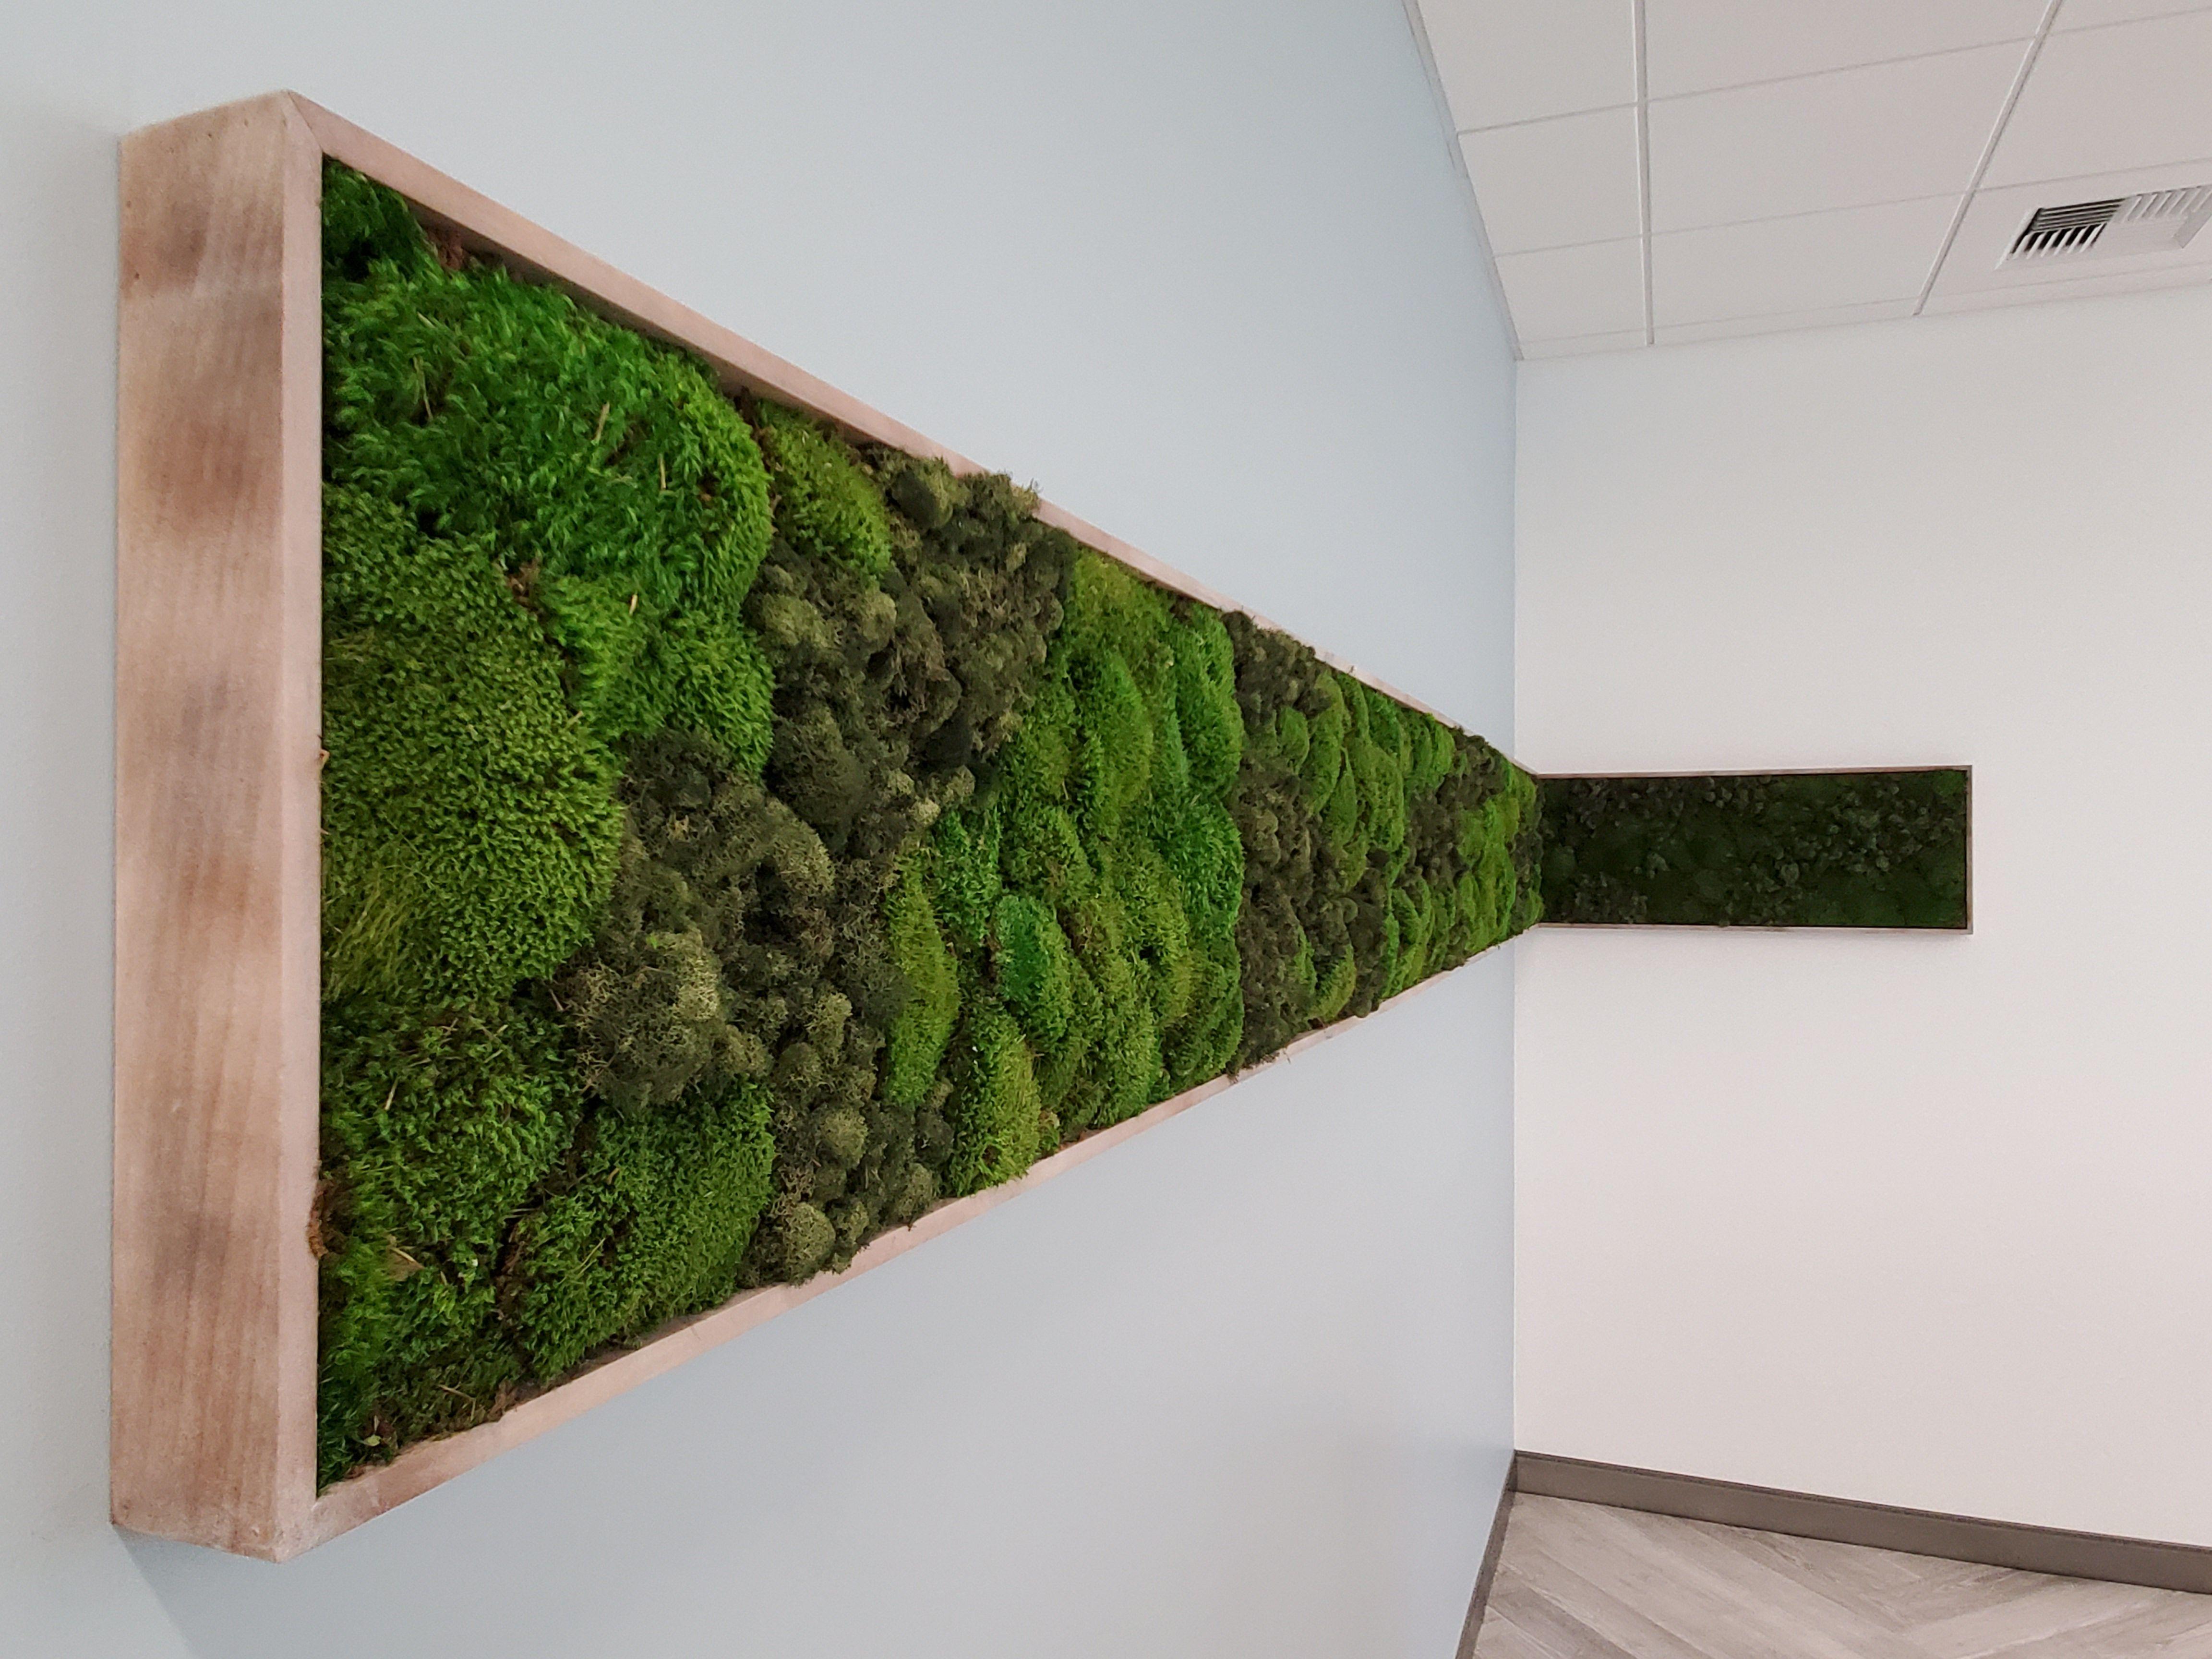 #plants #corporateinteriors #interiorarchitecture